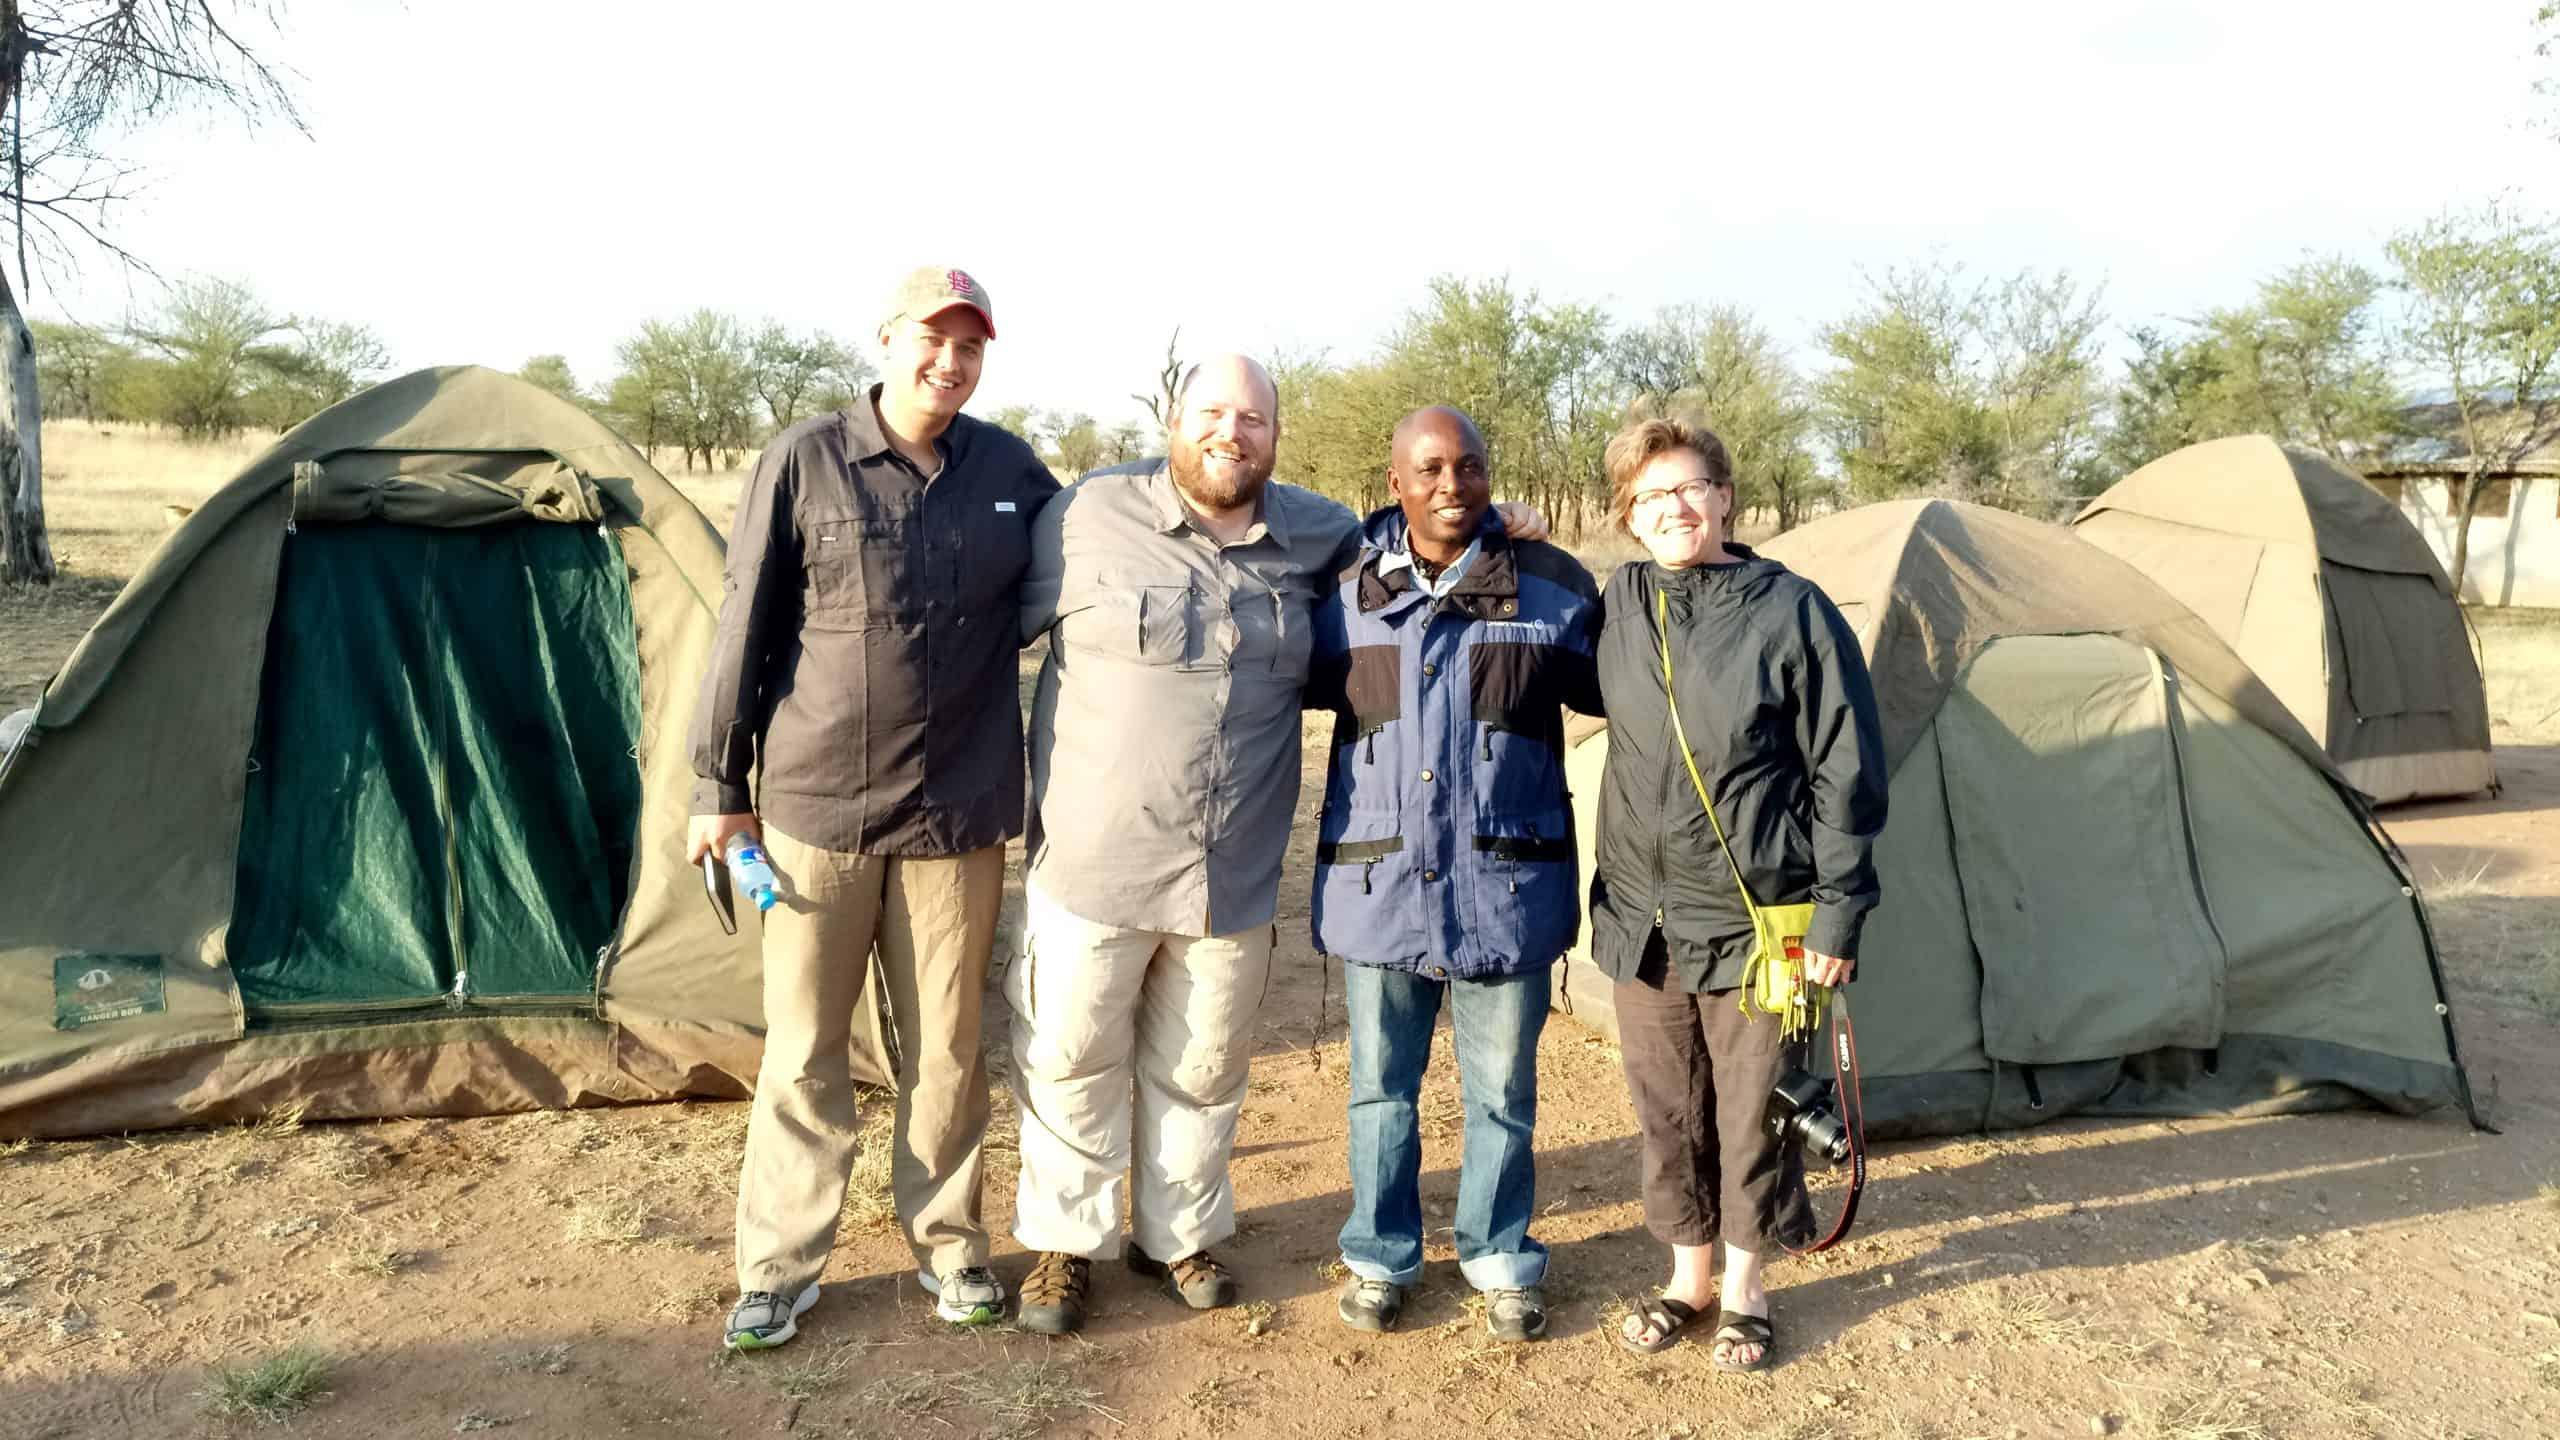 Camping Safari In Serengeti